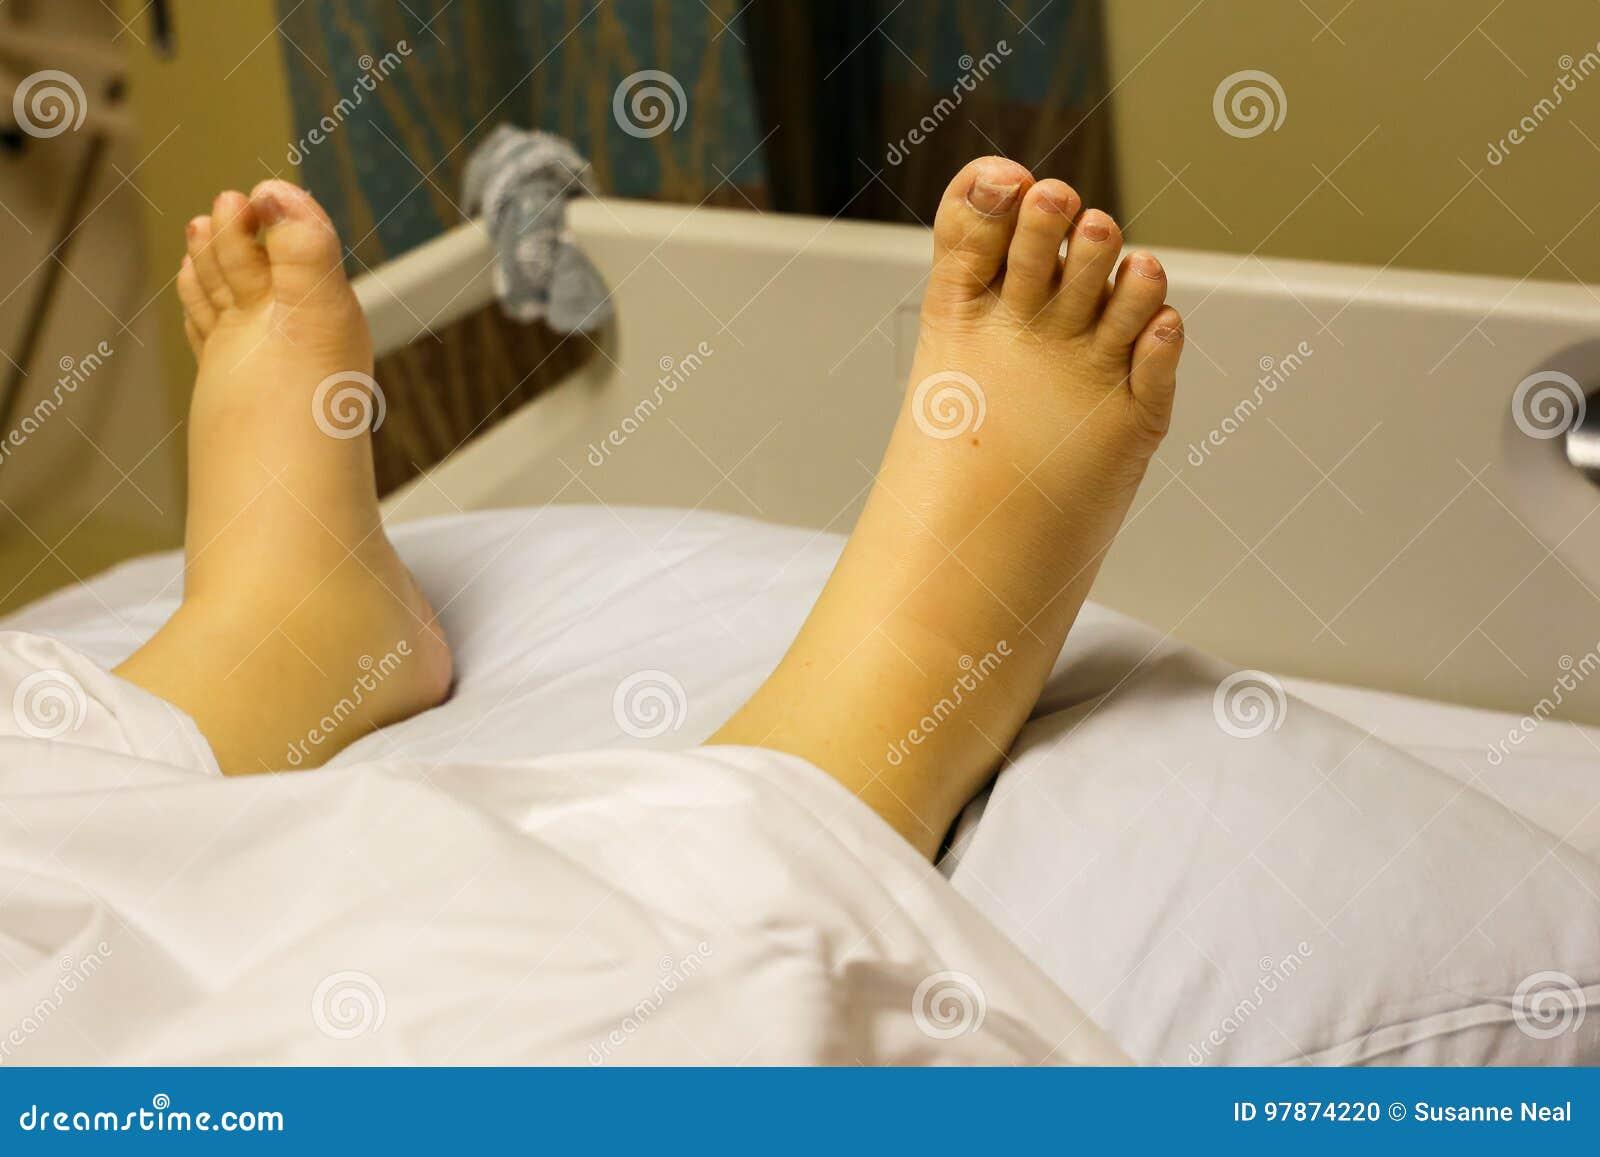 Tornozelos amarelos, inchados e pés devido ao alcoolismo